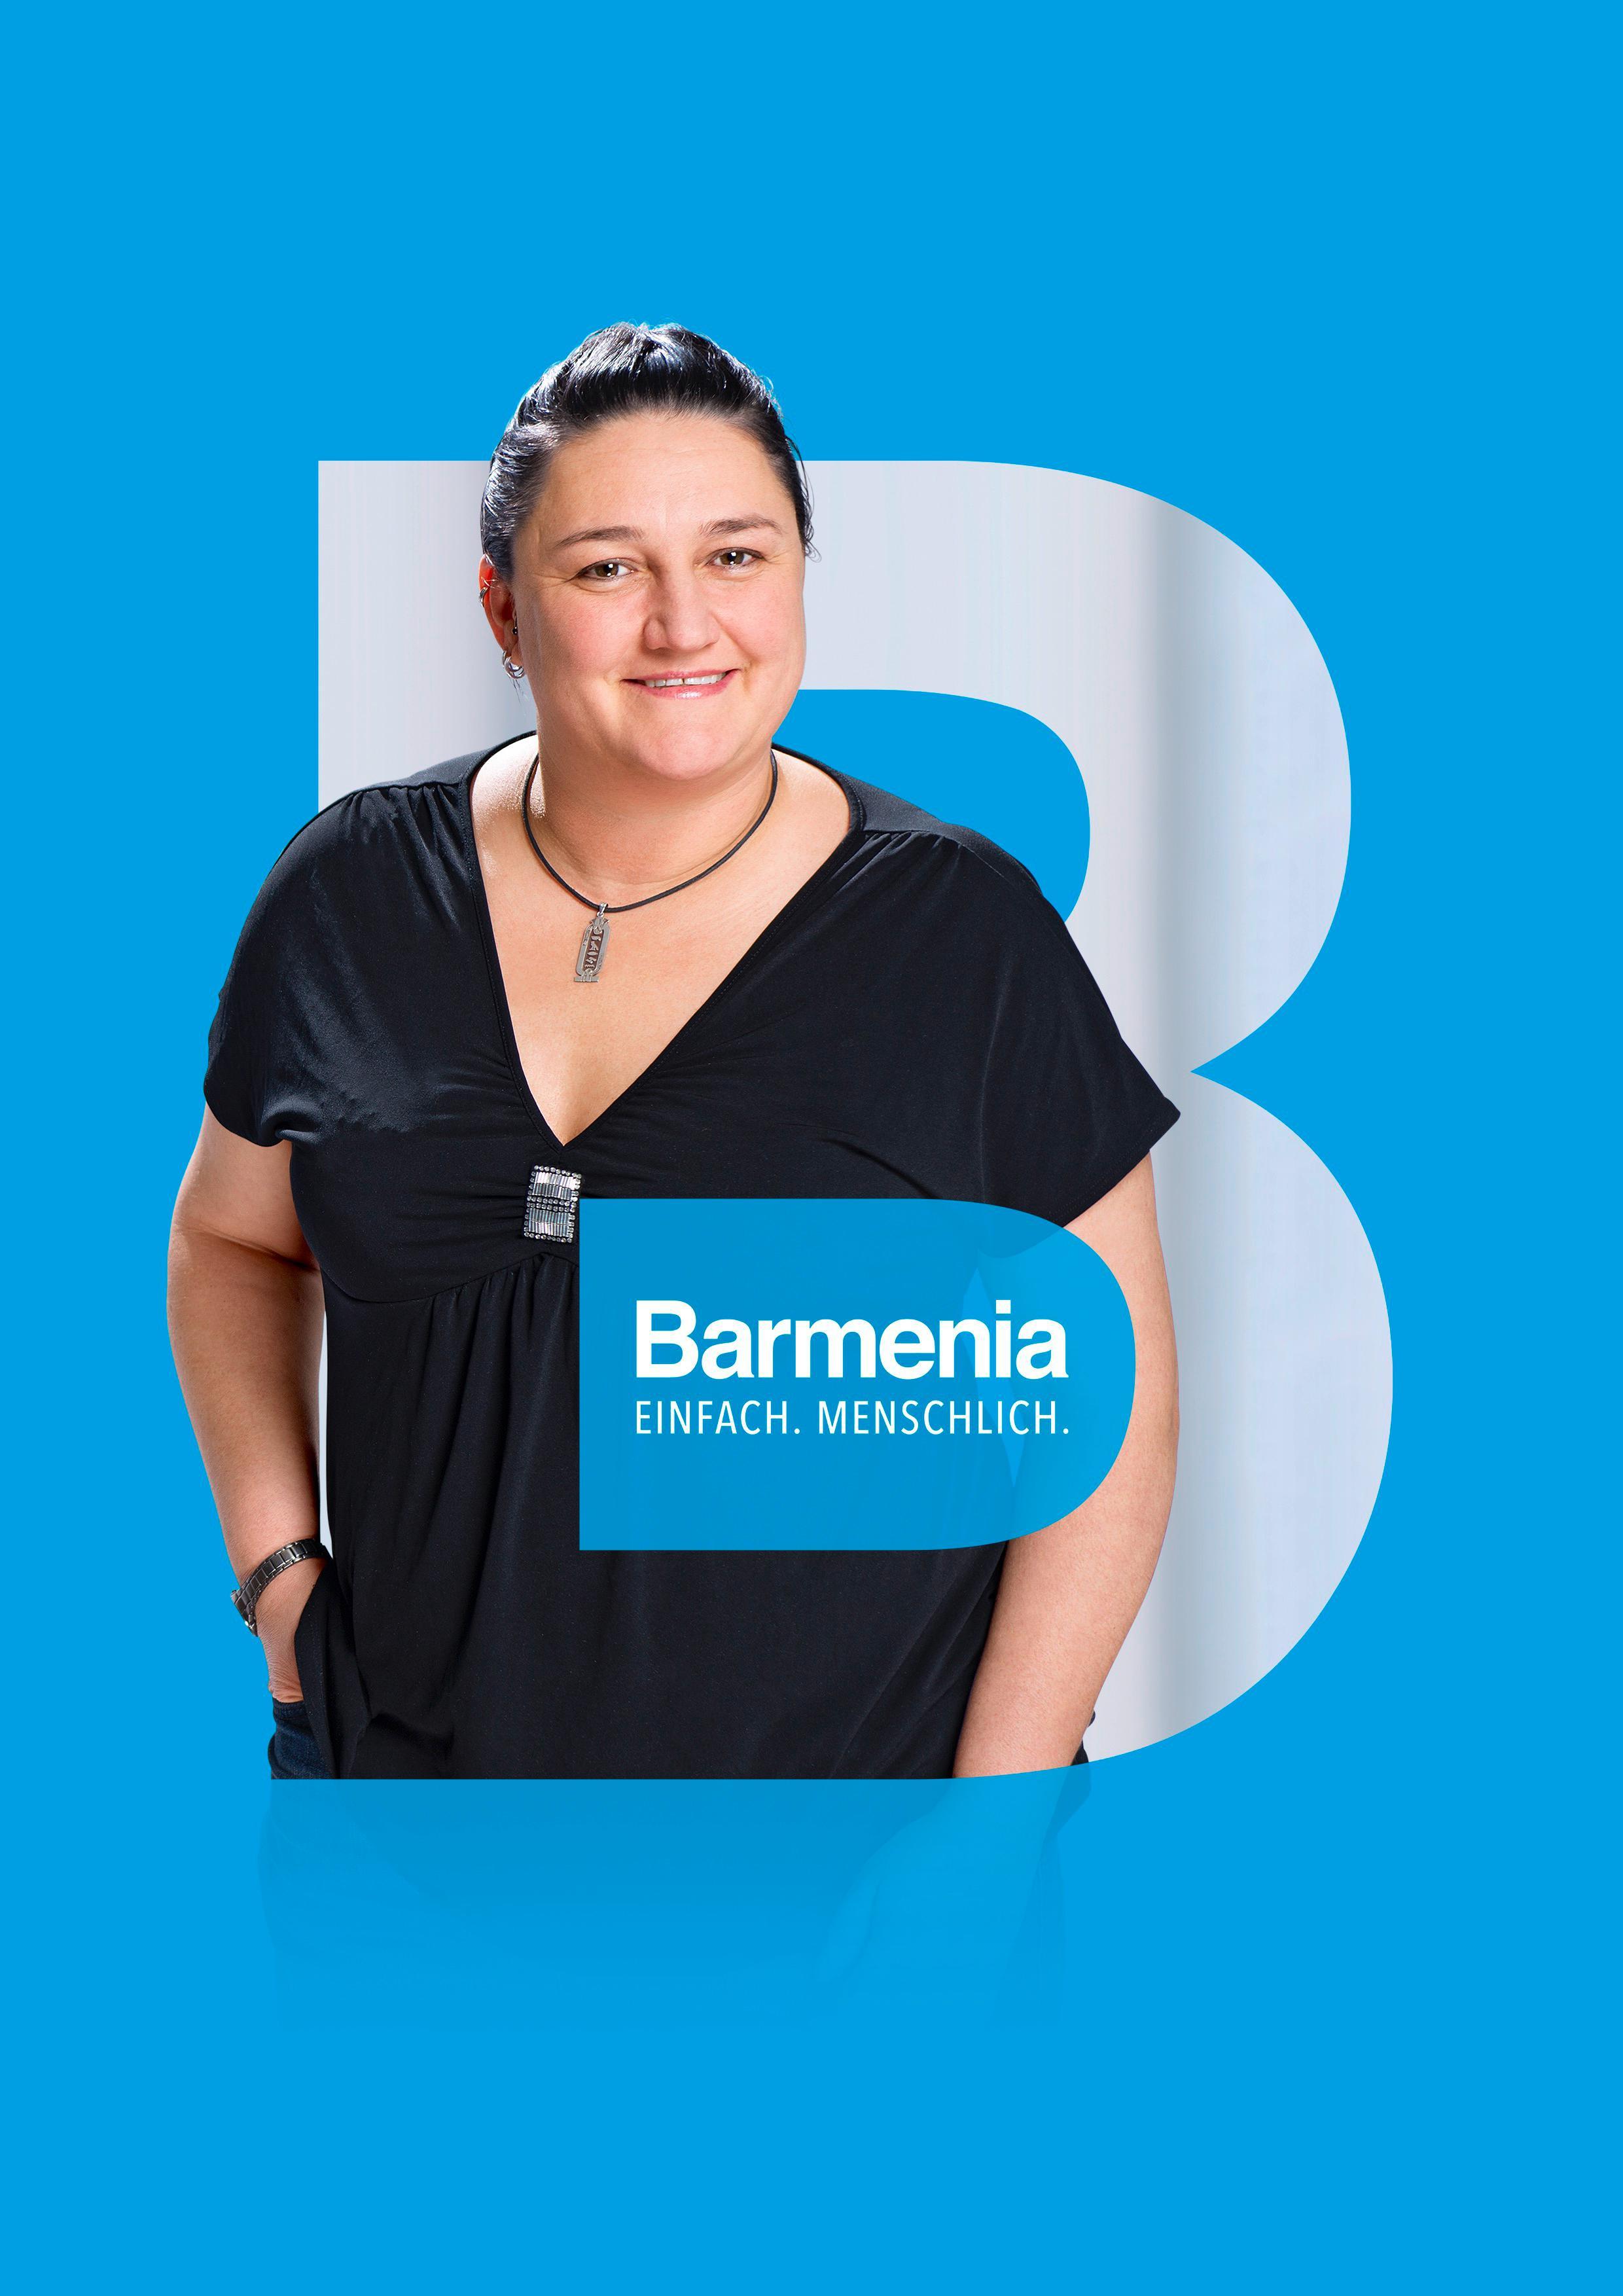 Barmenia Versicherung - Karin Schitterle